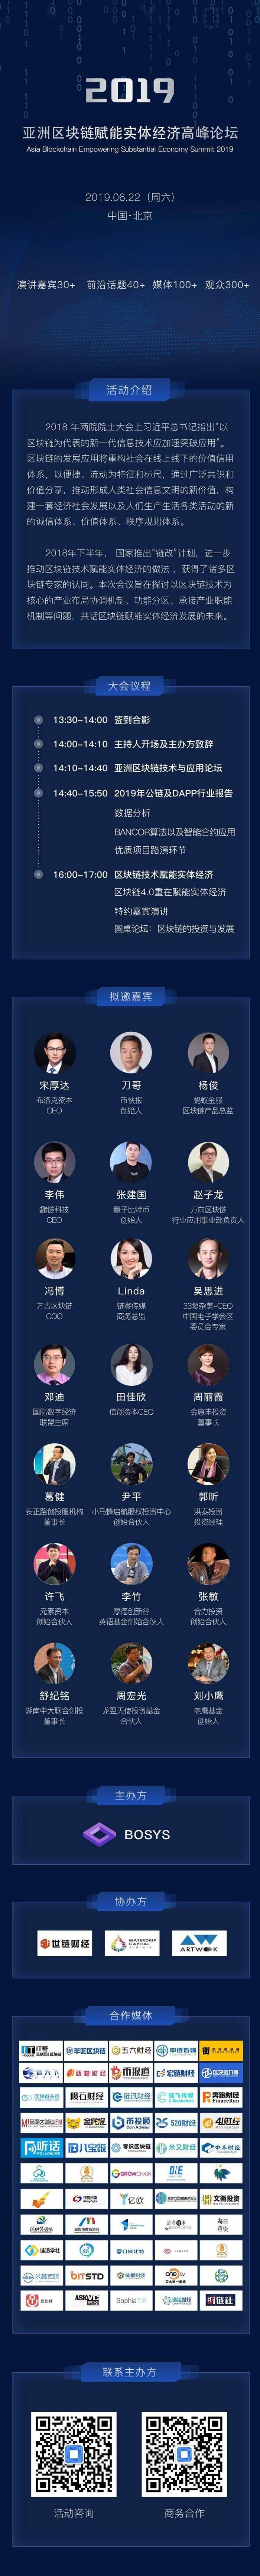 北京峰会长图+世链财经.jpg